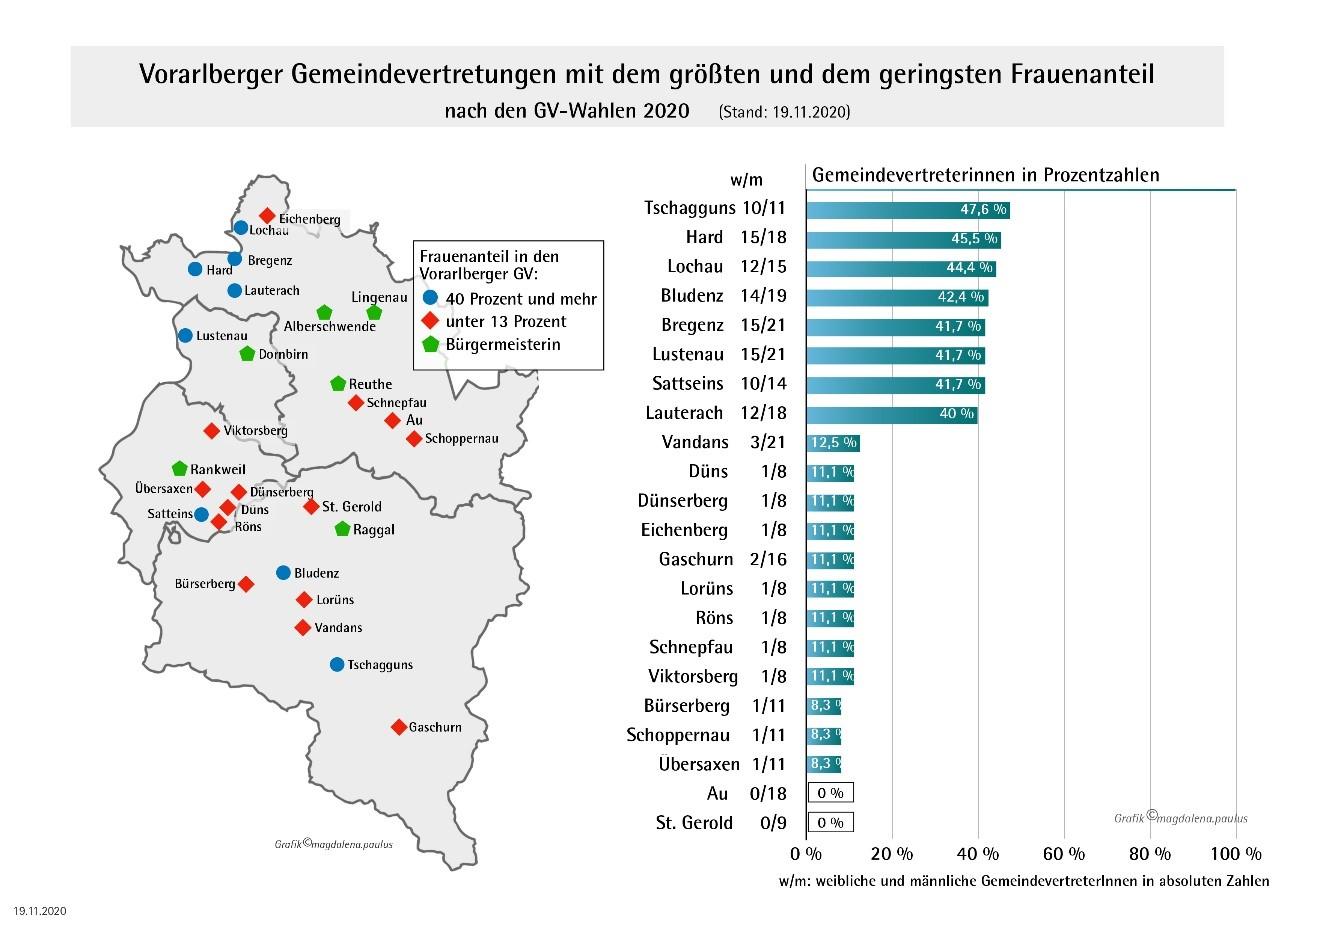 Vorarlberger Gemeindevertretungen mit dem größten und dem geringsten Frauenanteil